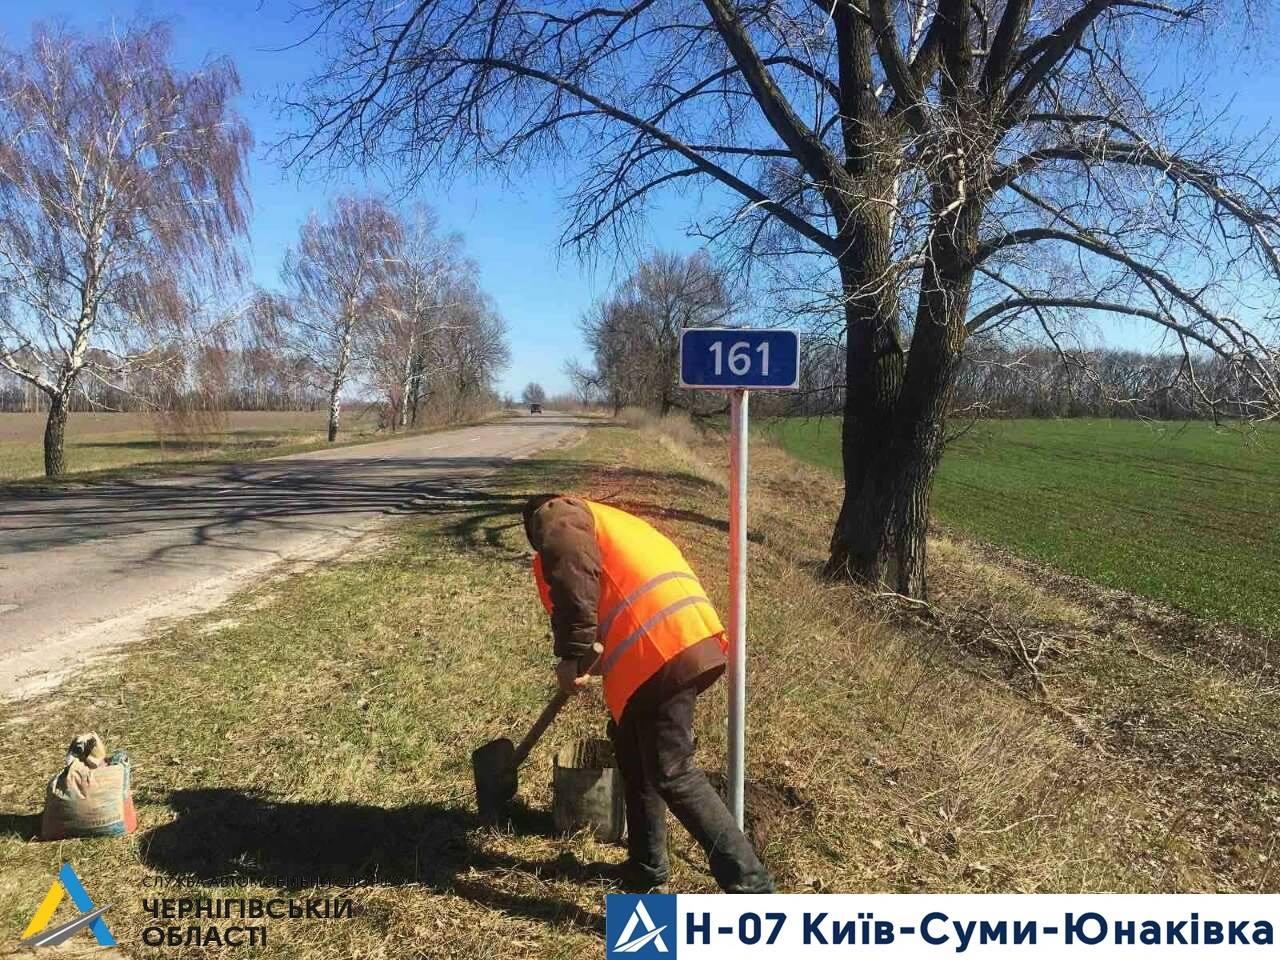 Вандали зрізали 40 знаків на дорозі Київ-Суми-Юнаківка по Чернігівській області